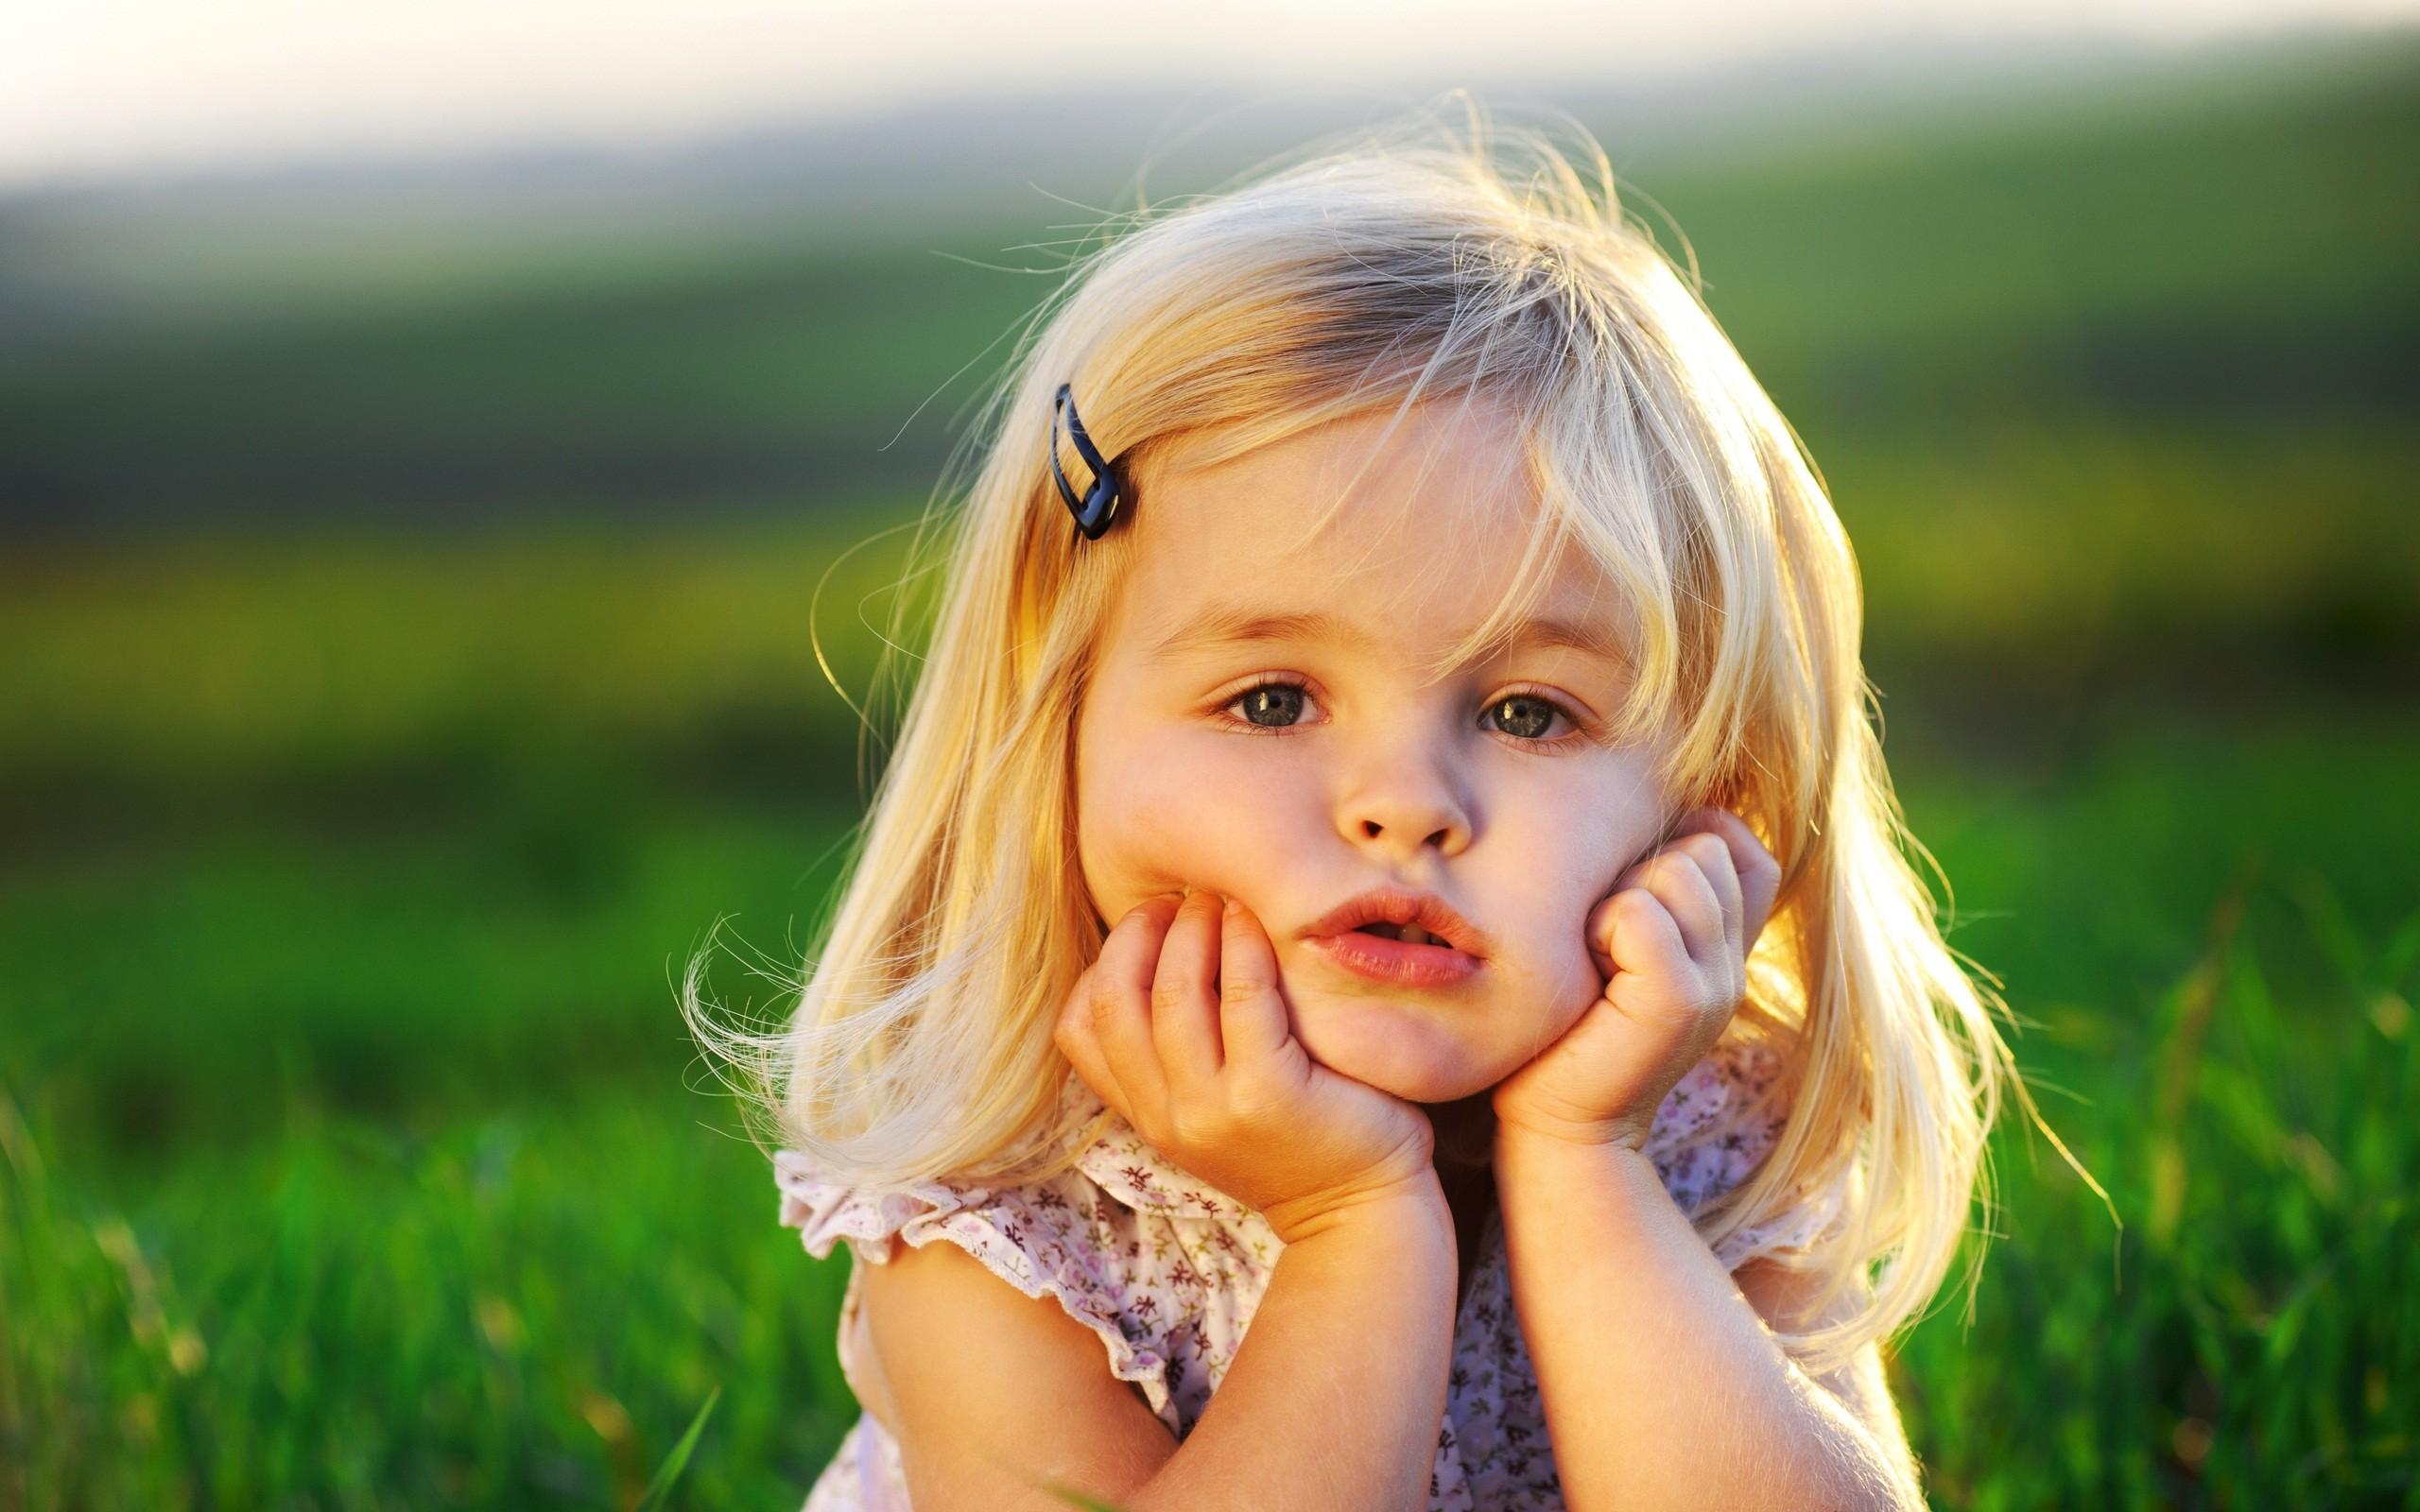 بالصور صور طفل جميل , بيبي كيوت غاية في الشقاوة والروعة 2692